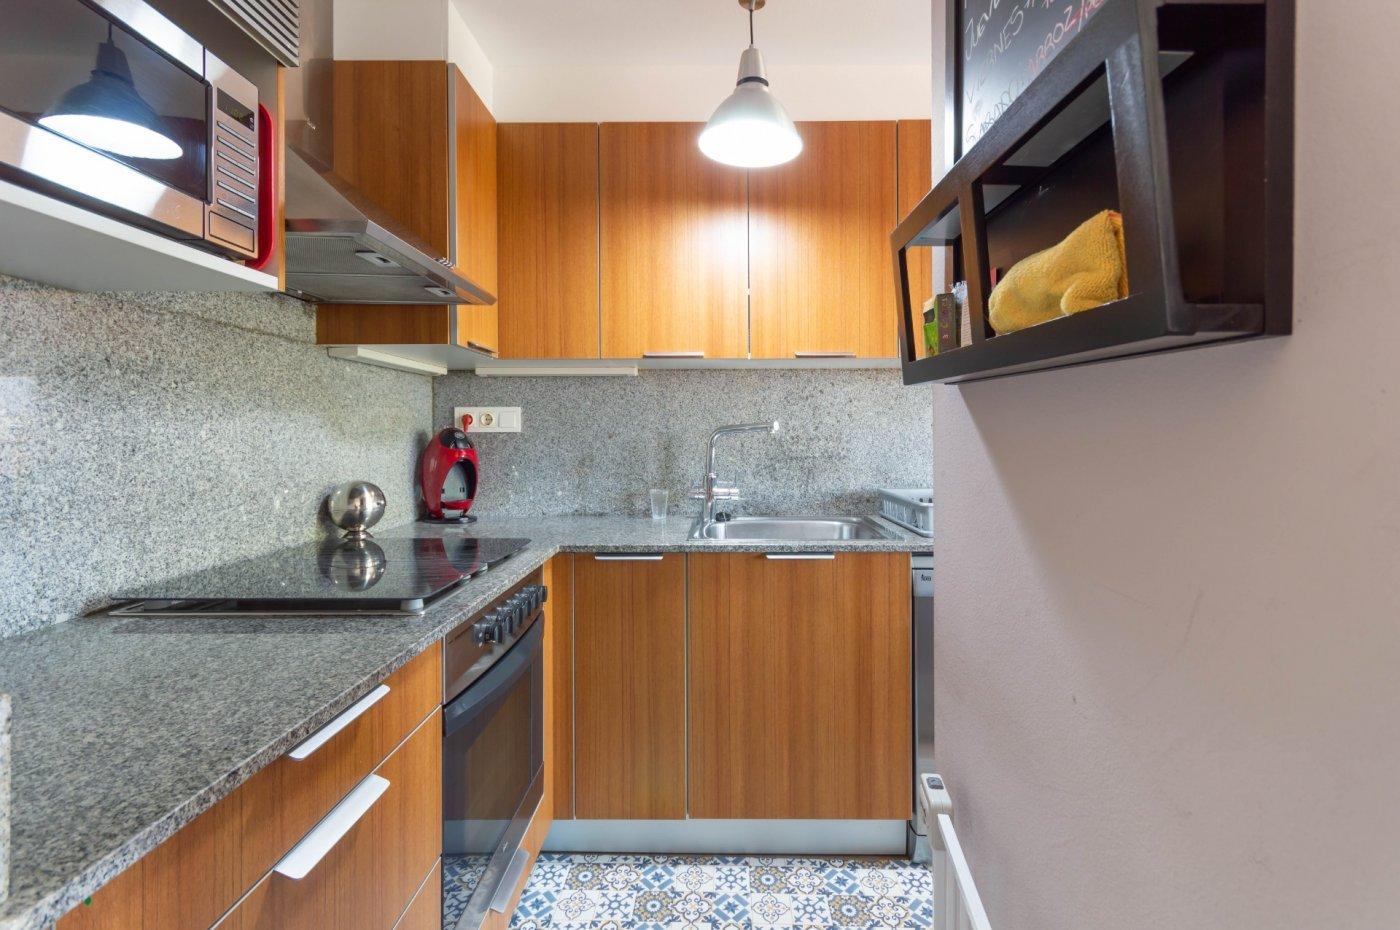 Piso de 50 m² en st. andreu de la b. zona raval de corbera. 2 hab., 1 baño, parking y tras - imagenInmueble8